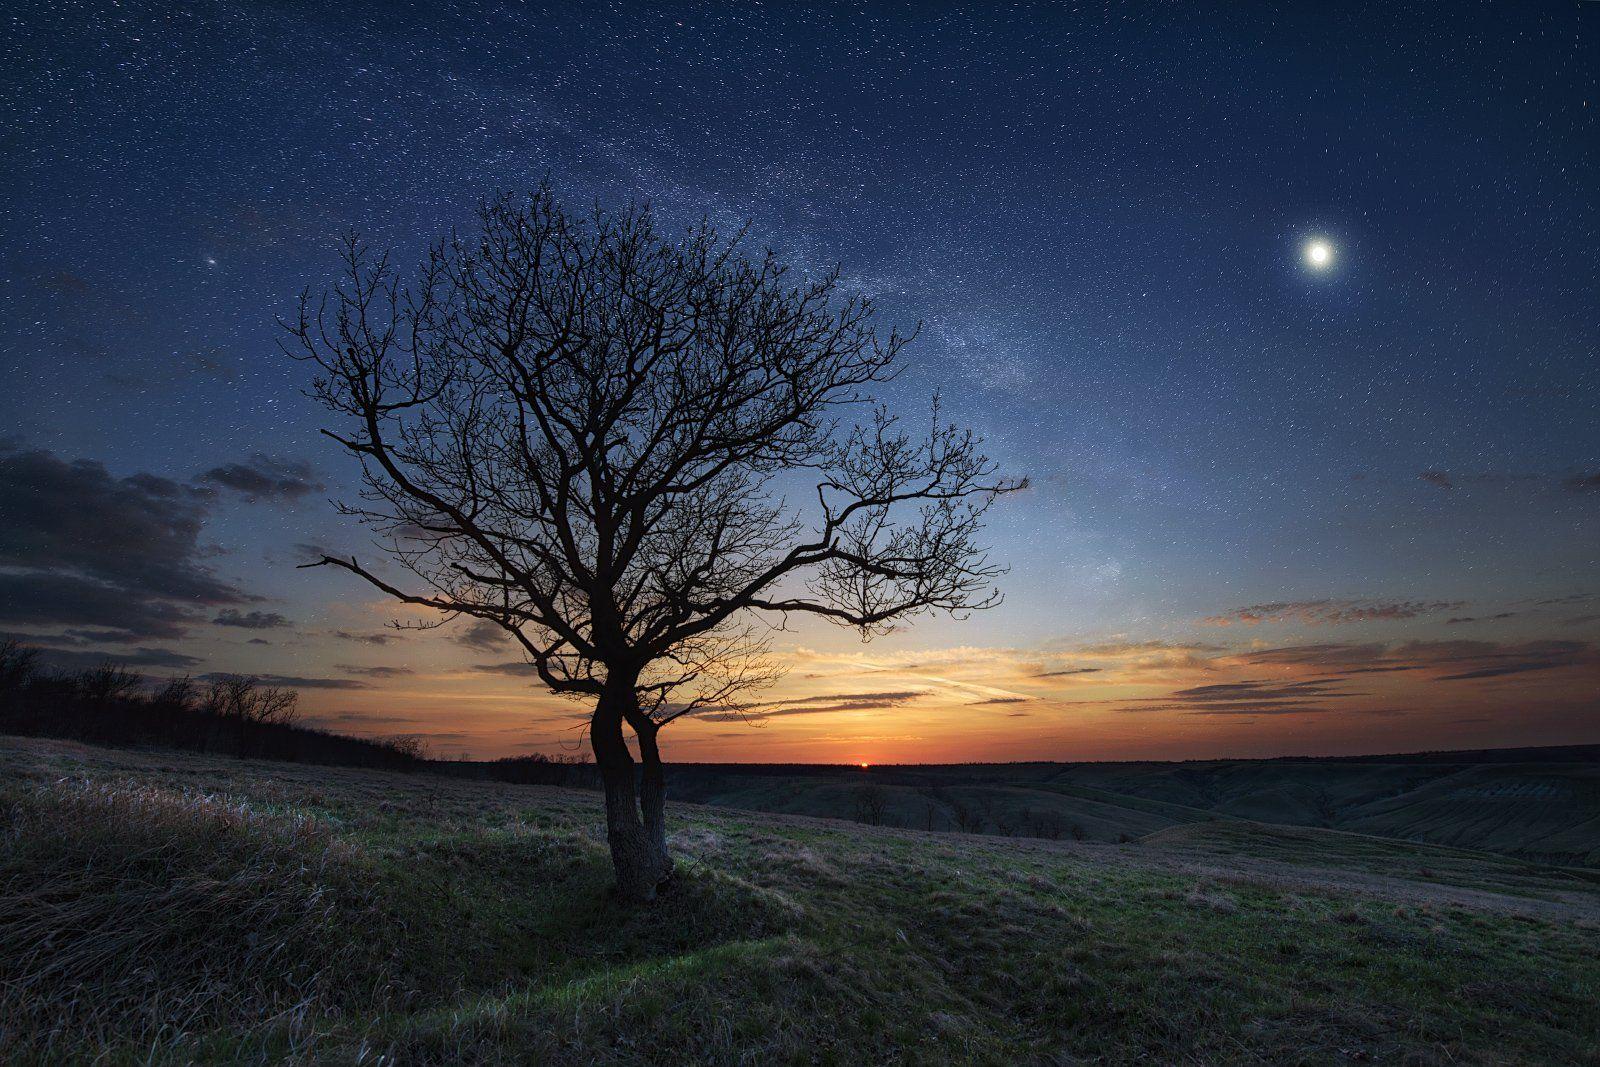 закат, ночь, дерево, холмы, звезды, калач-на-дону, волгоградская область, пейзажная фотография, богомолов, doberman